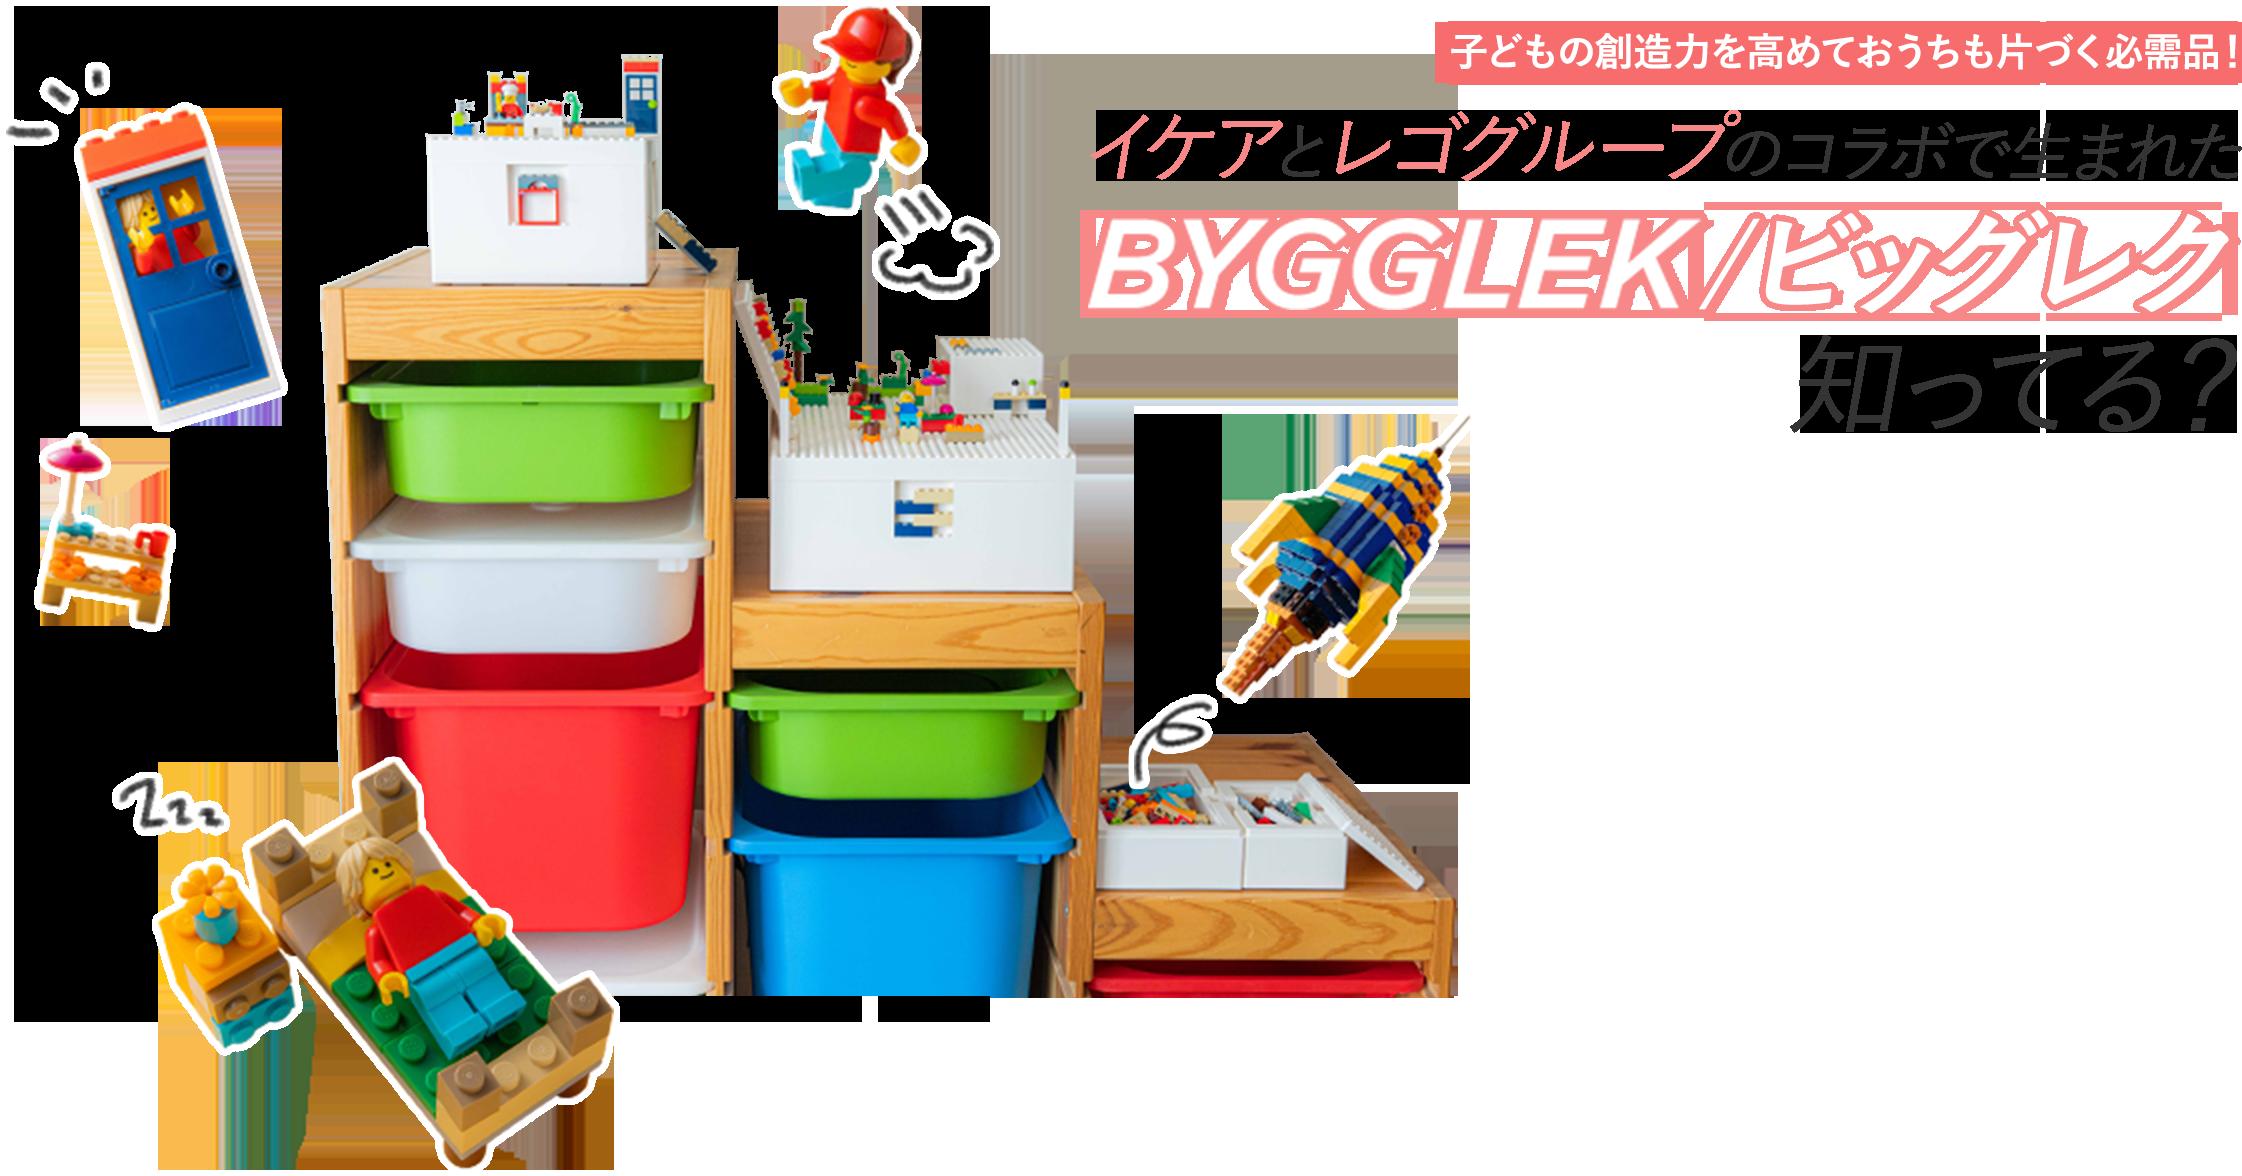 子どもの創造力を高めておうちも片づく必需品!イケアとレゴグループのコラボで生まれた BYGGLEK/ビッグレク 知ってる?